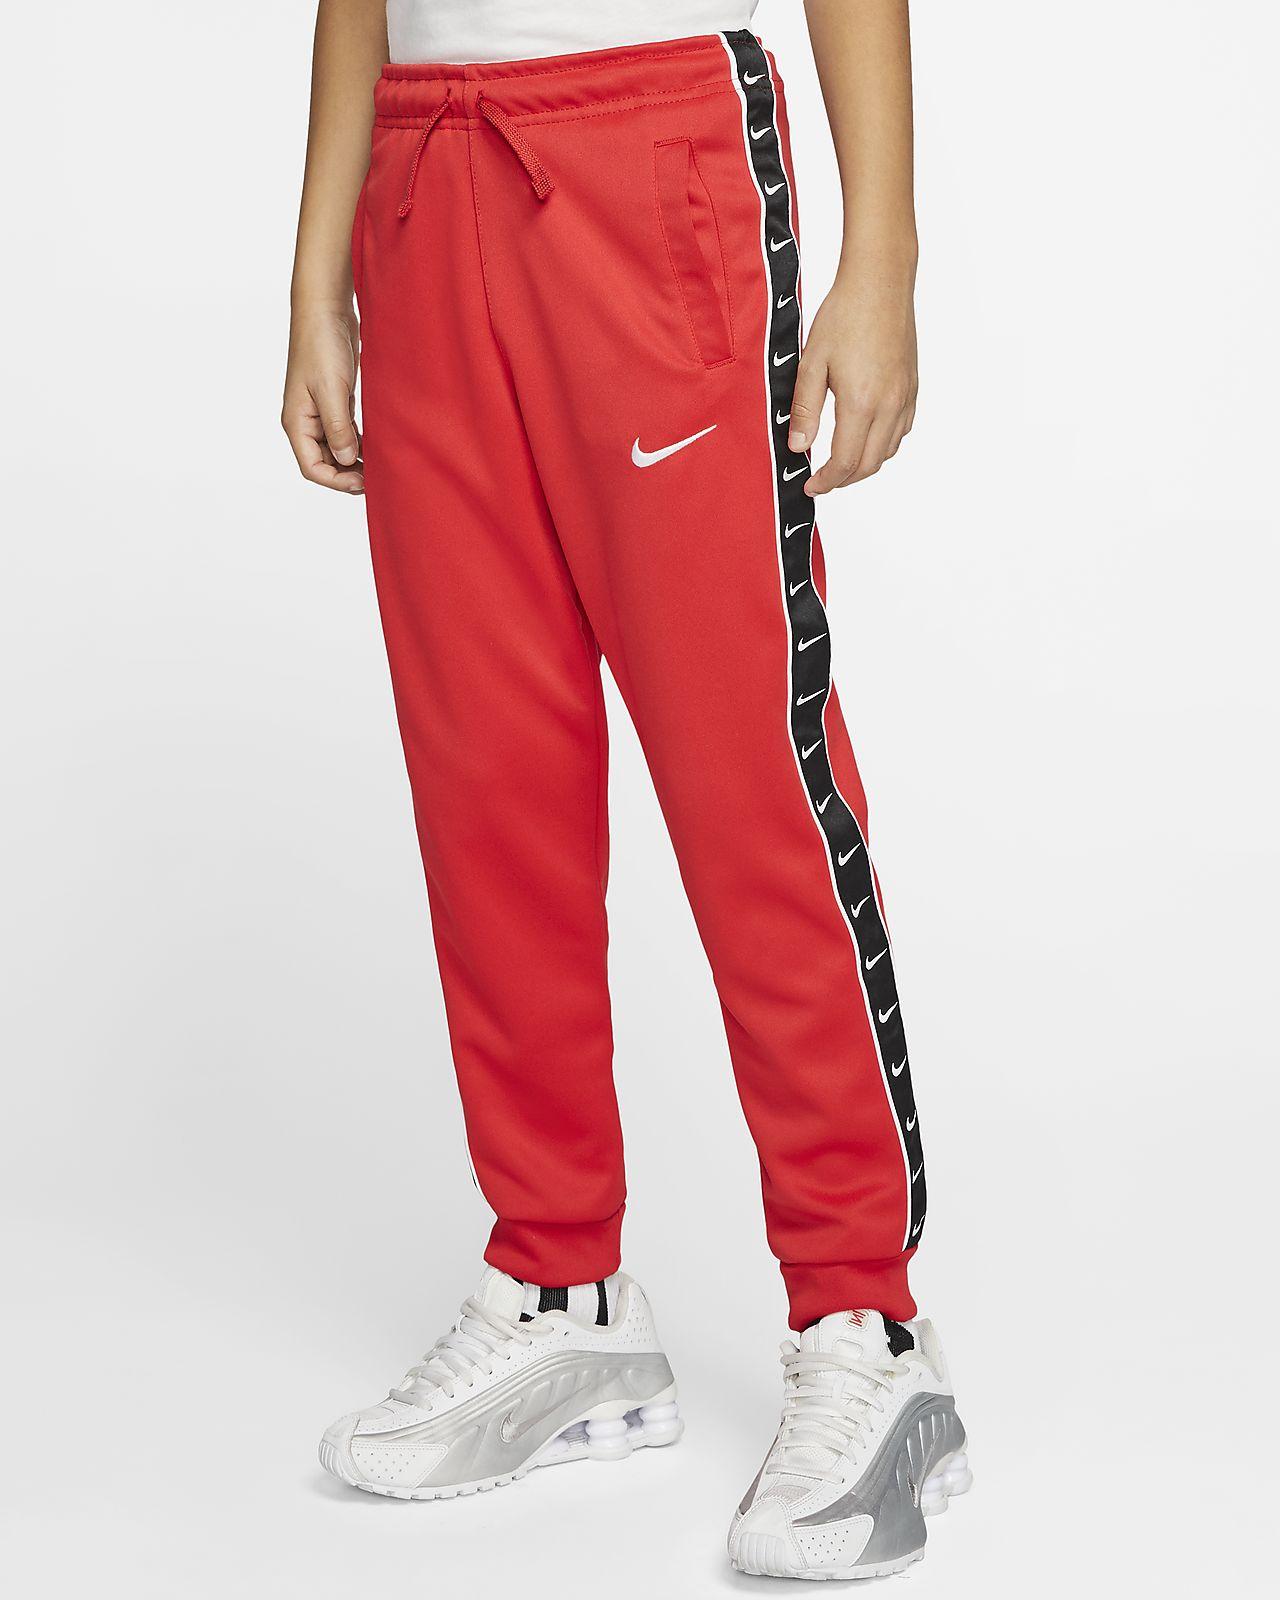 Nike Sportswear Swoosh Older Kids' Joggers